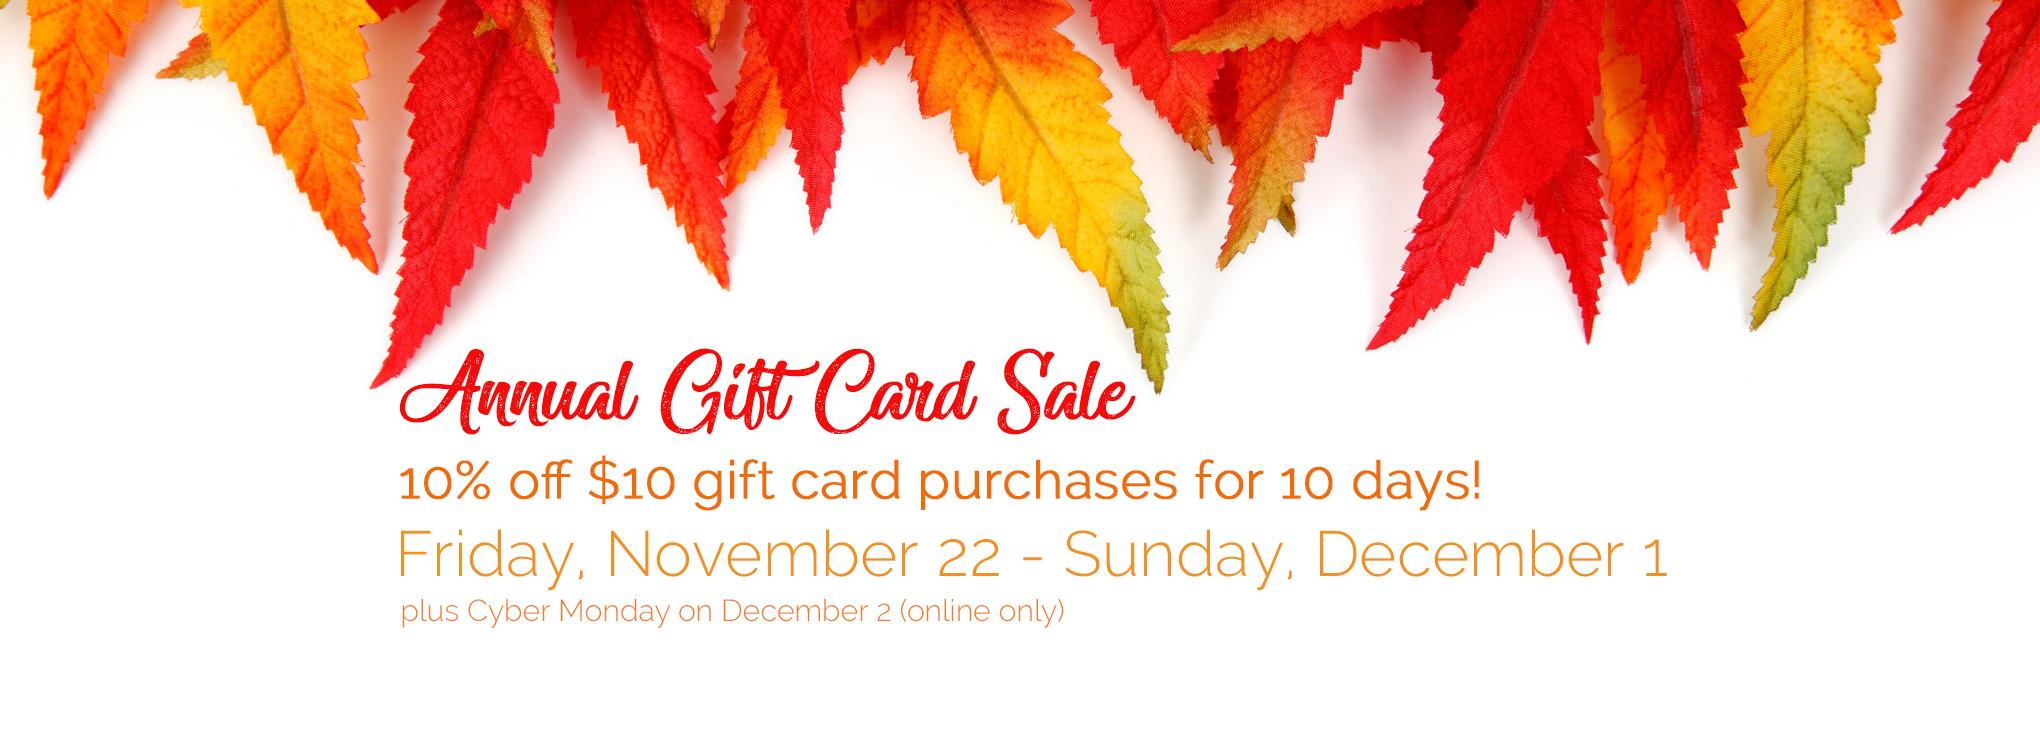 Slider image for Gift Card Sale - November 22 - December 1